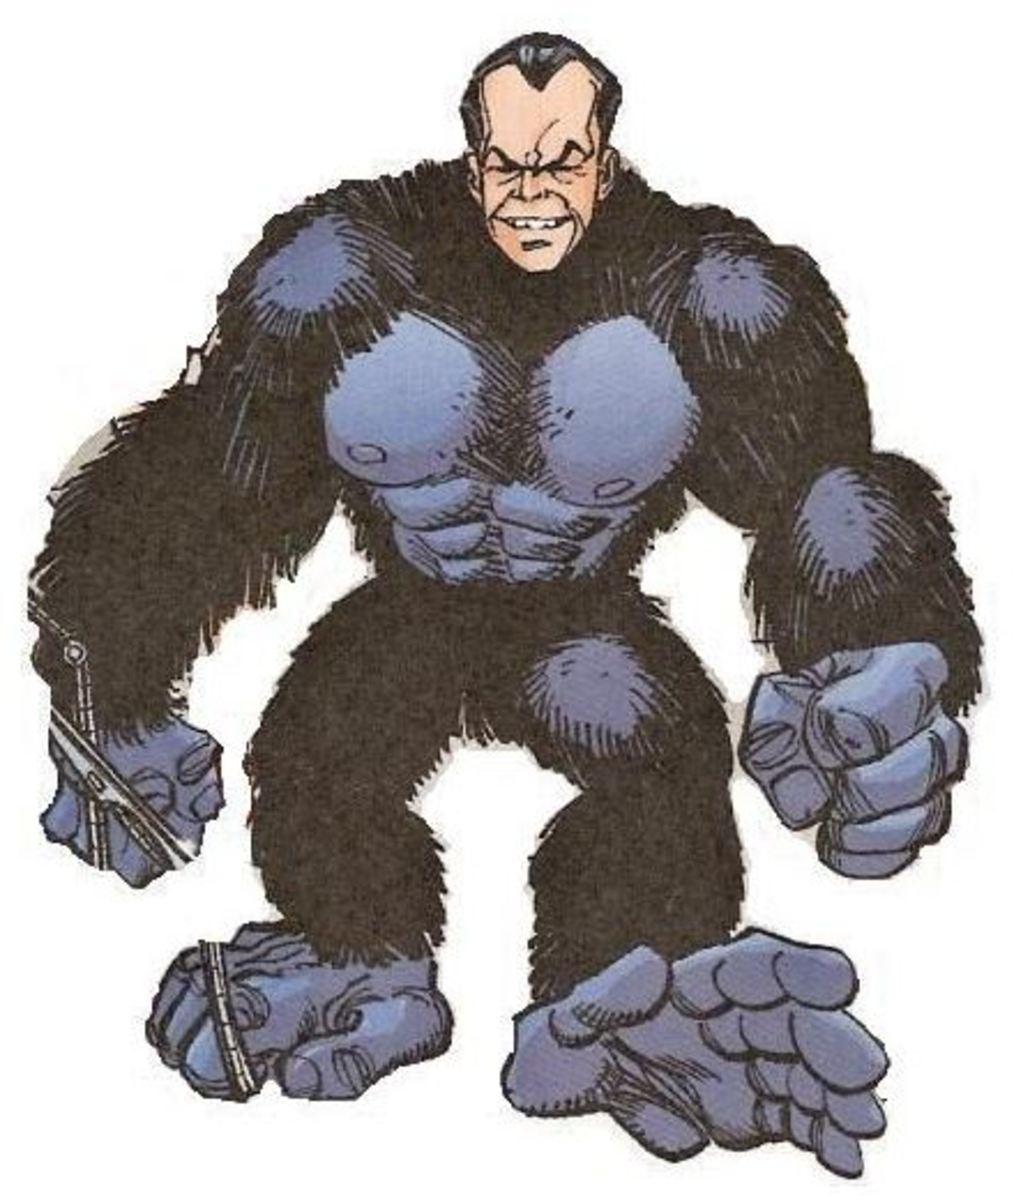 Doctor Arthur Nagan - Head of a man, body of a gorilla - Gorilla Man